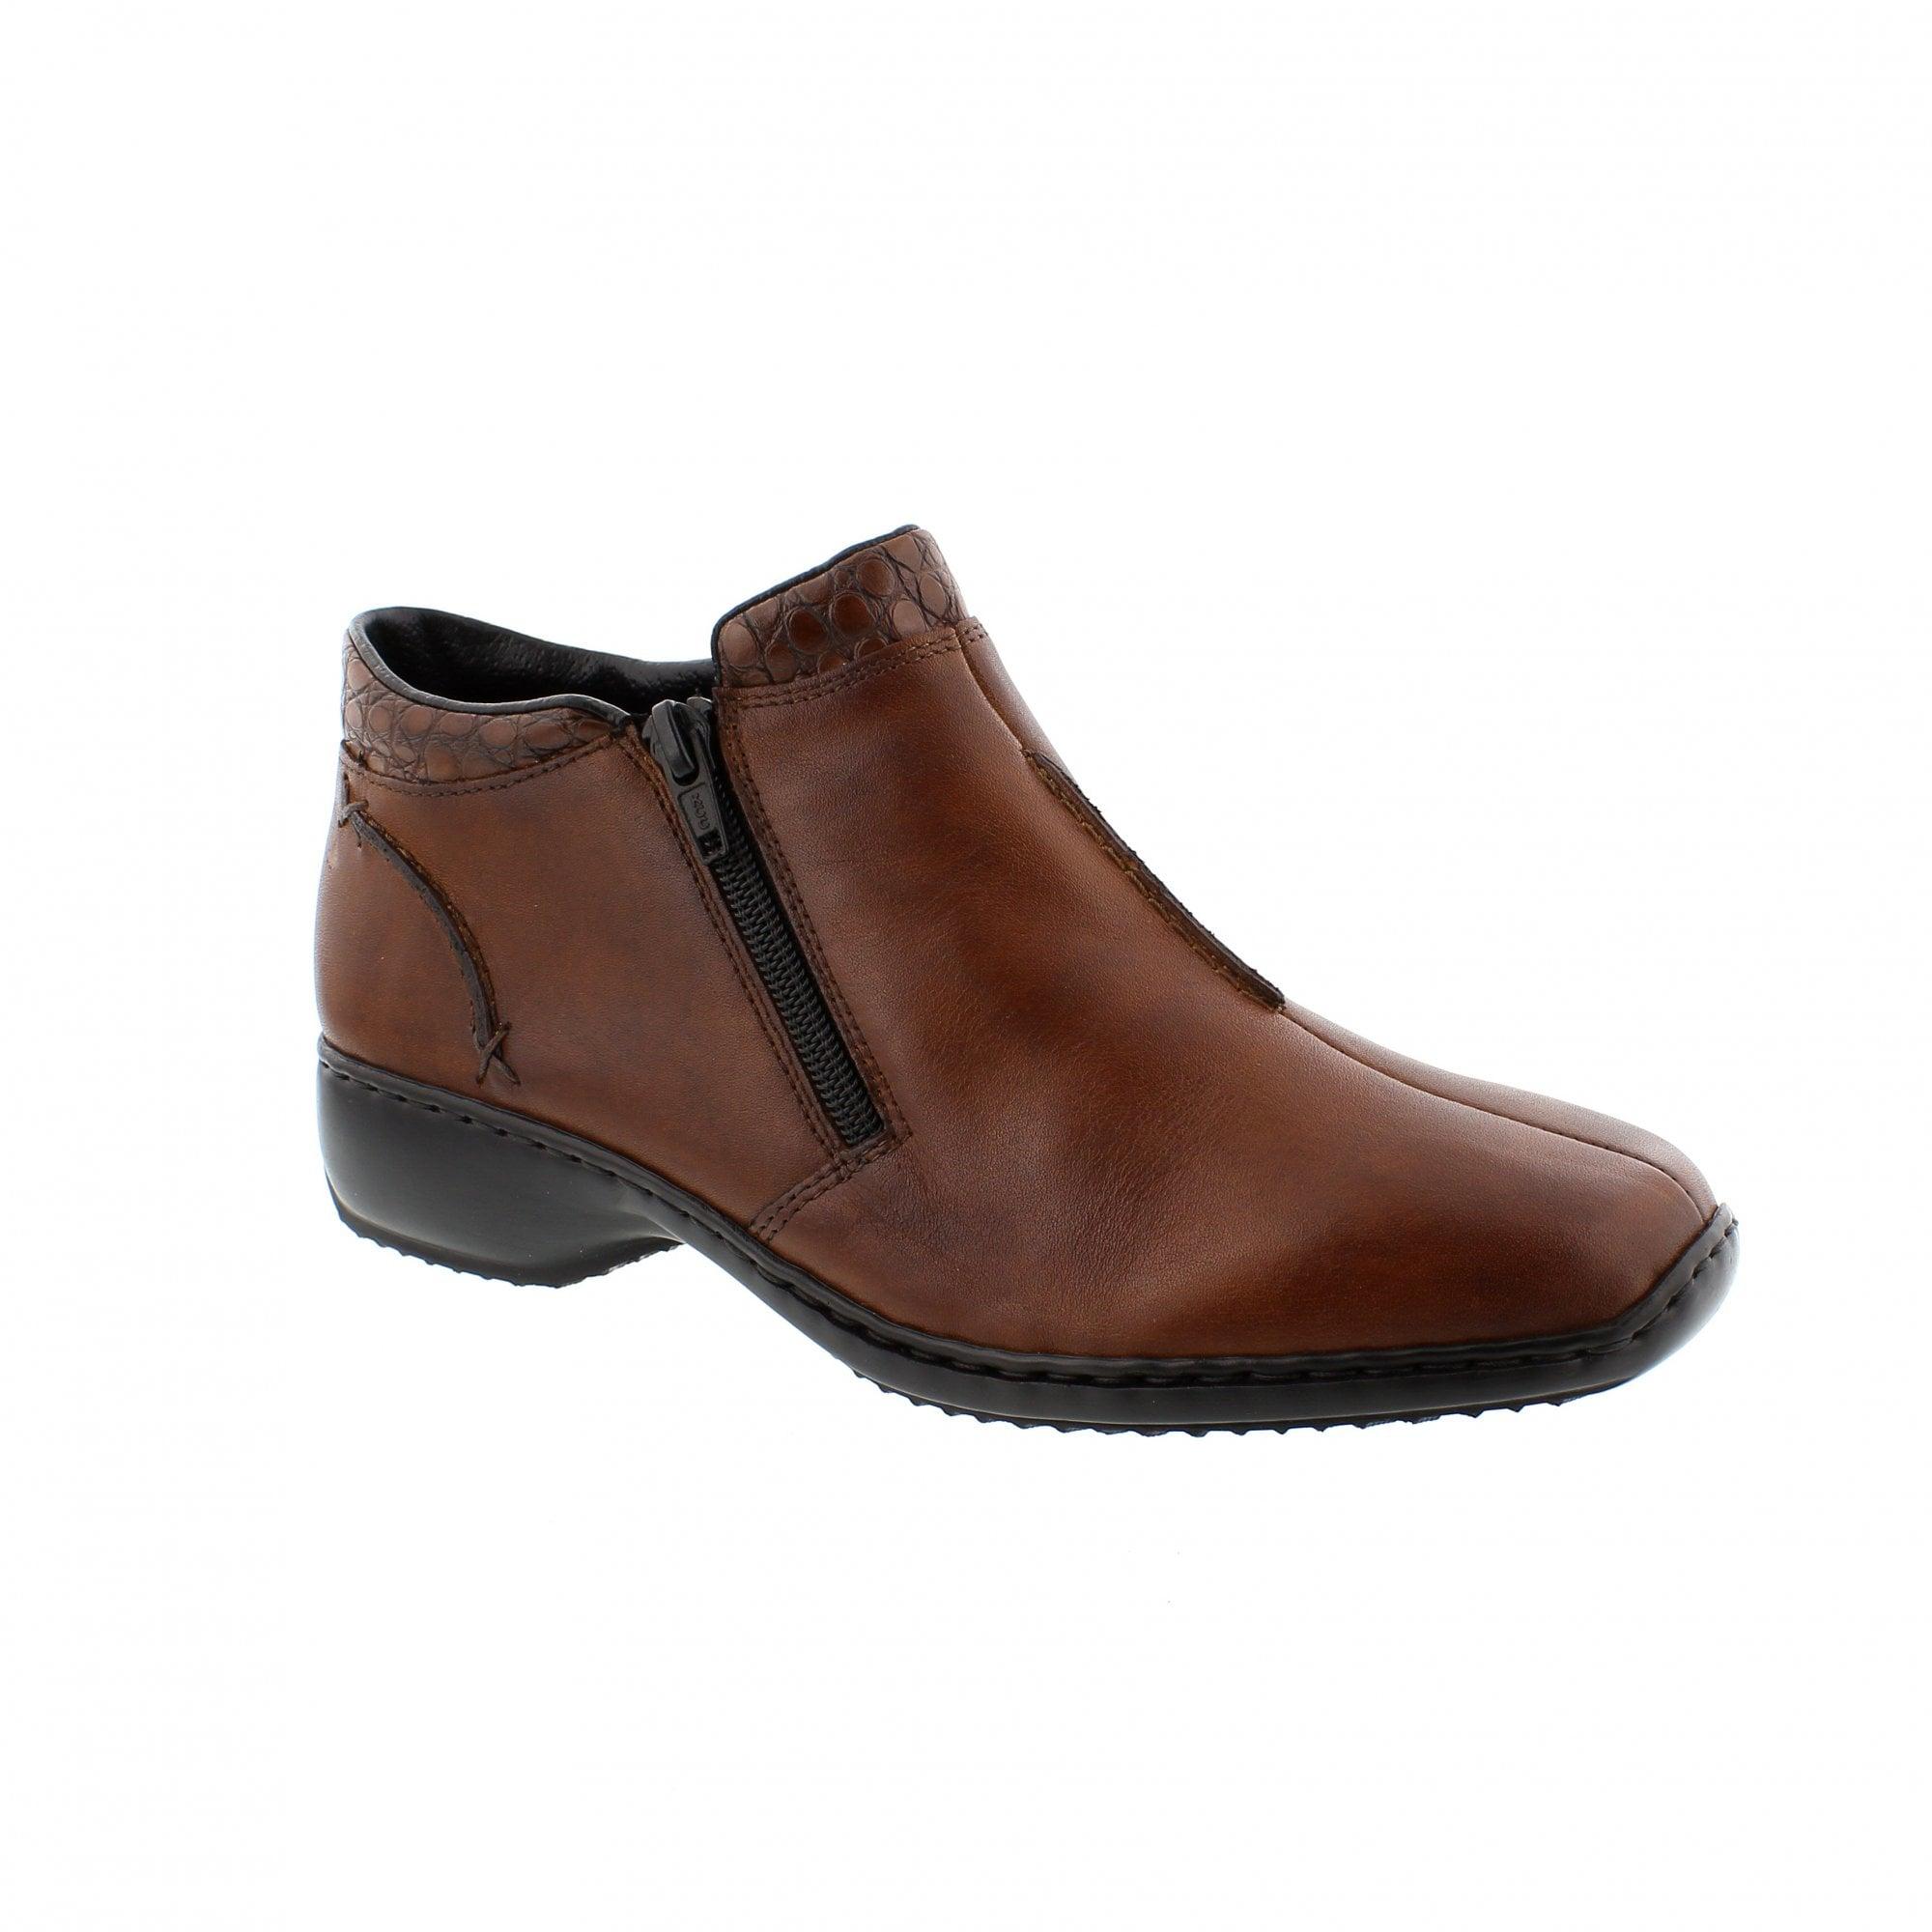 1d60e3fc6 Rieker L3882-24 Tan Leather Womens Ankle Boots | Rogerson Shoes